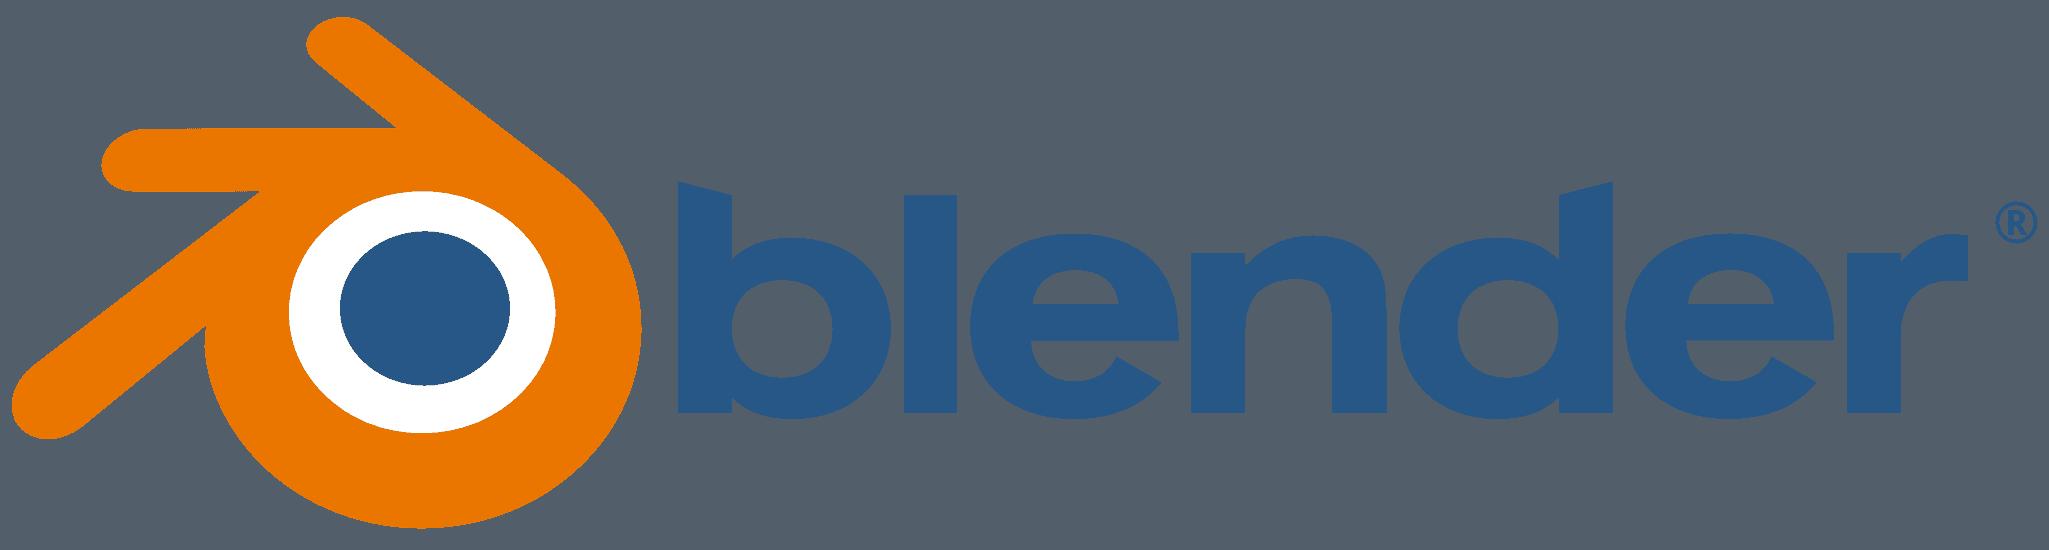 How does Blender make money?